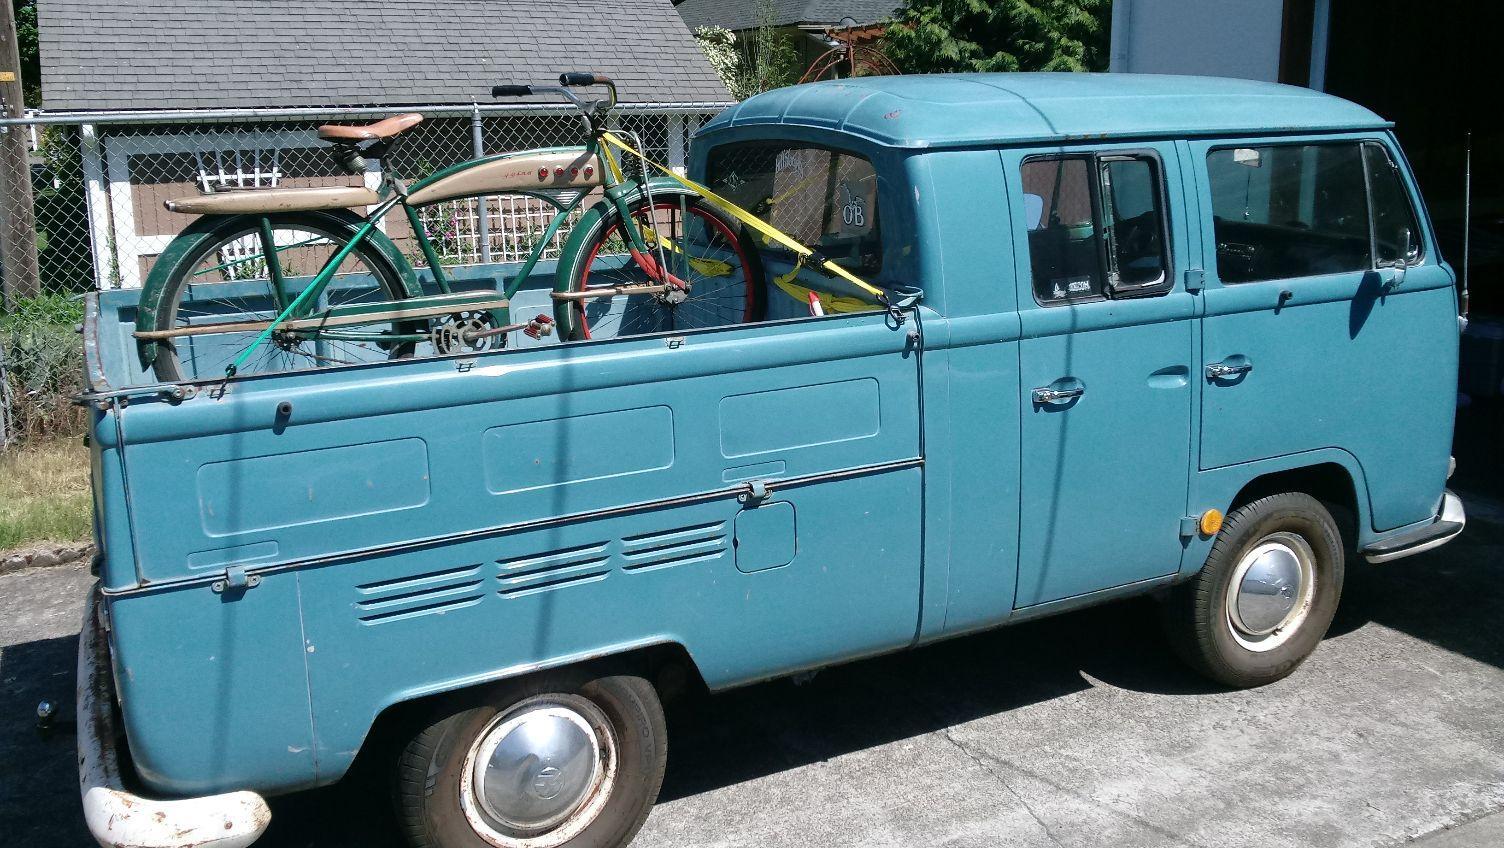 '68 Neptune Blue Truck